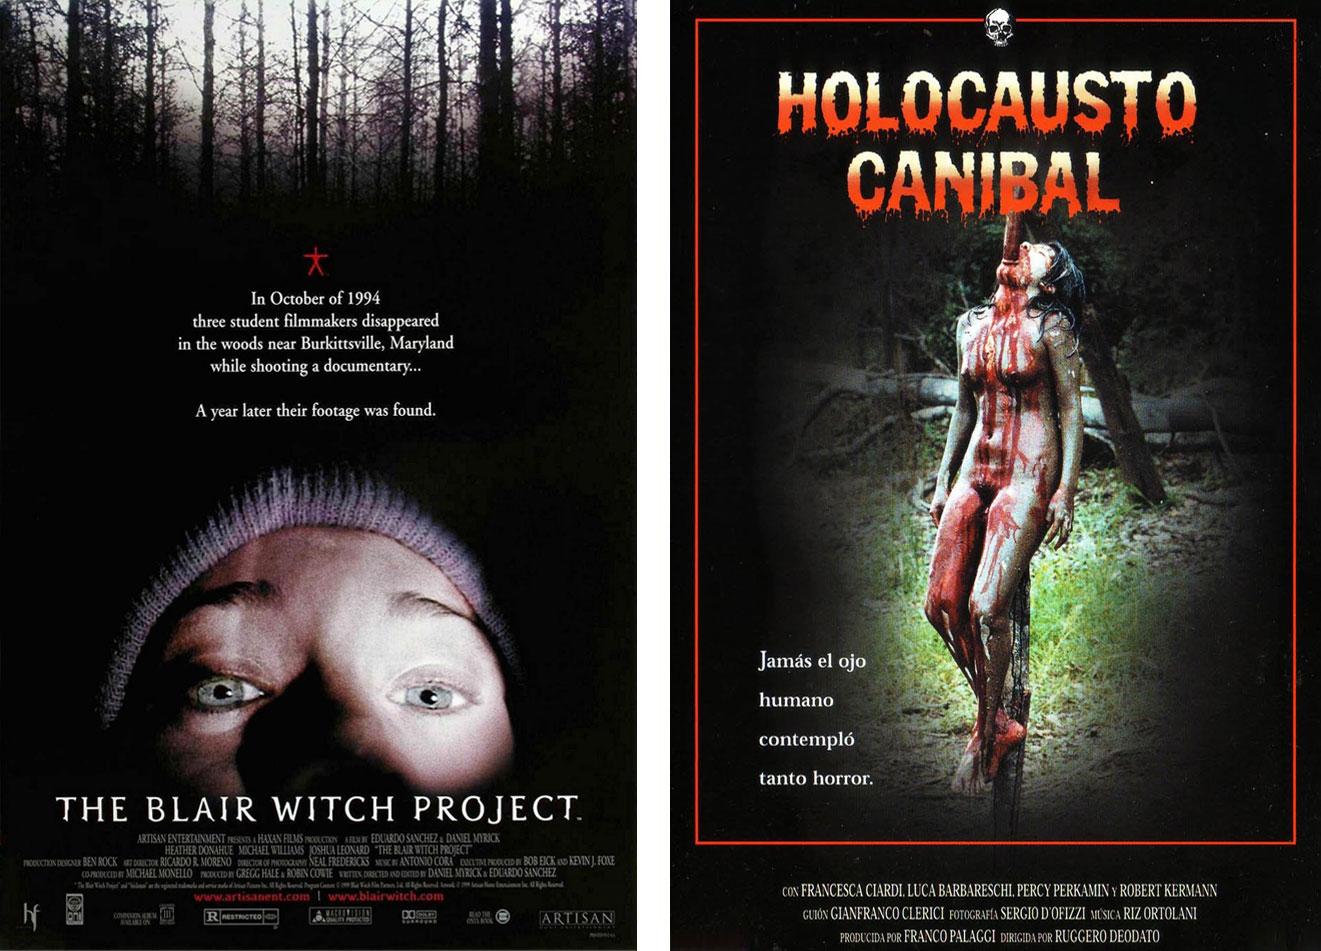 'El proyecto de la bruja de Blair' y 'Holocausto caníbal' dos falsos documentales estrenados en 1999 y 1980. | Imágenes: Artisan Entertainment y Manga Films.